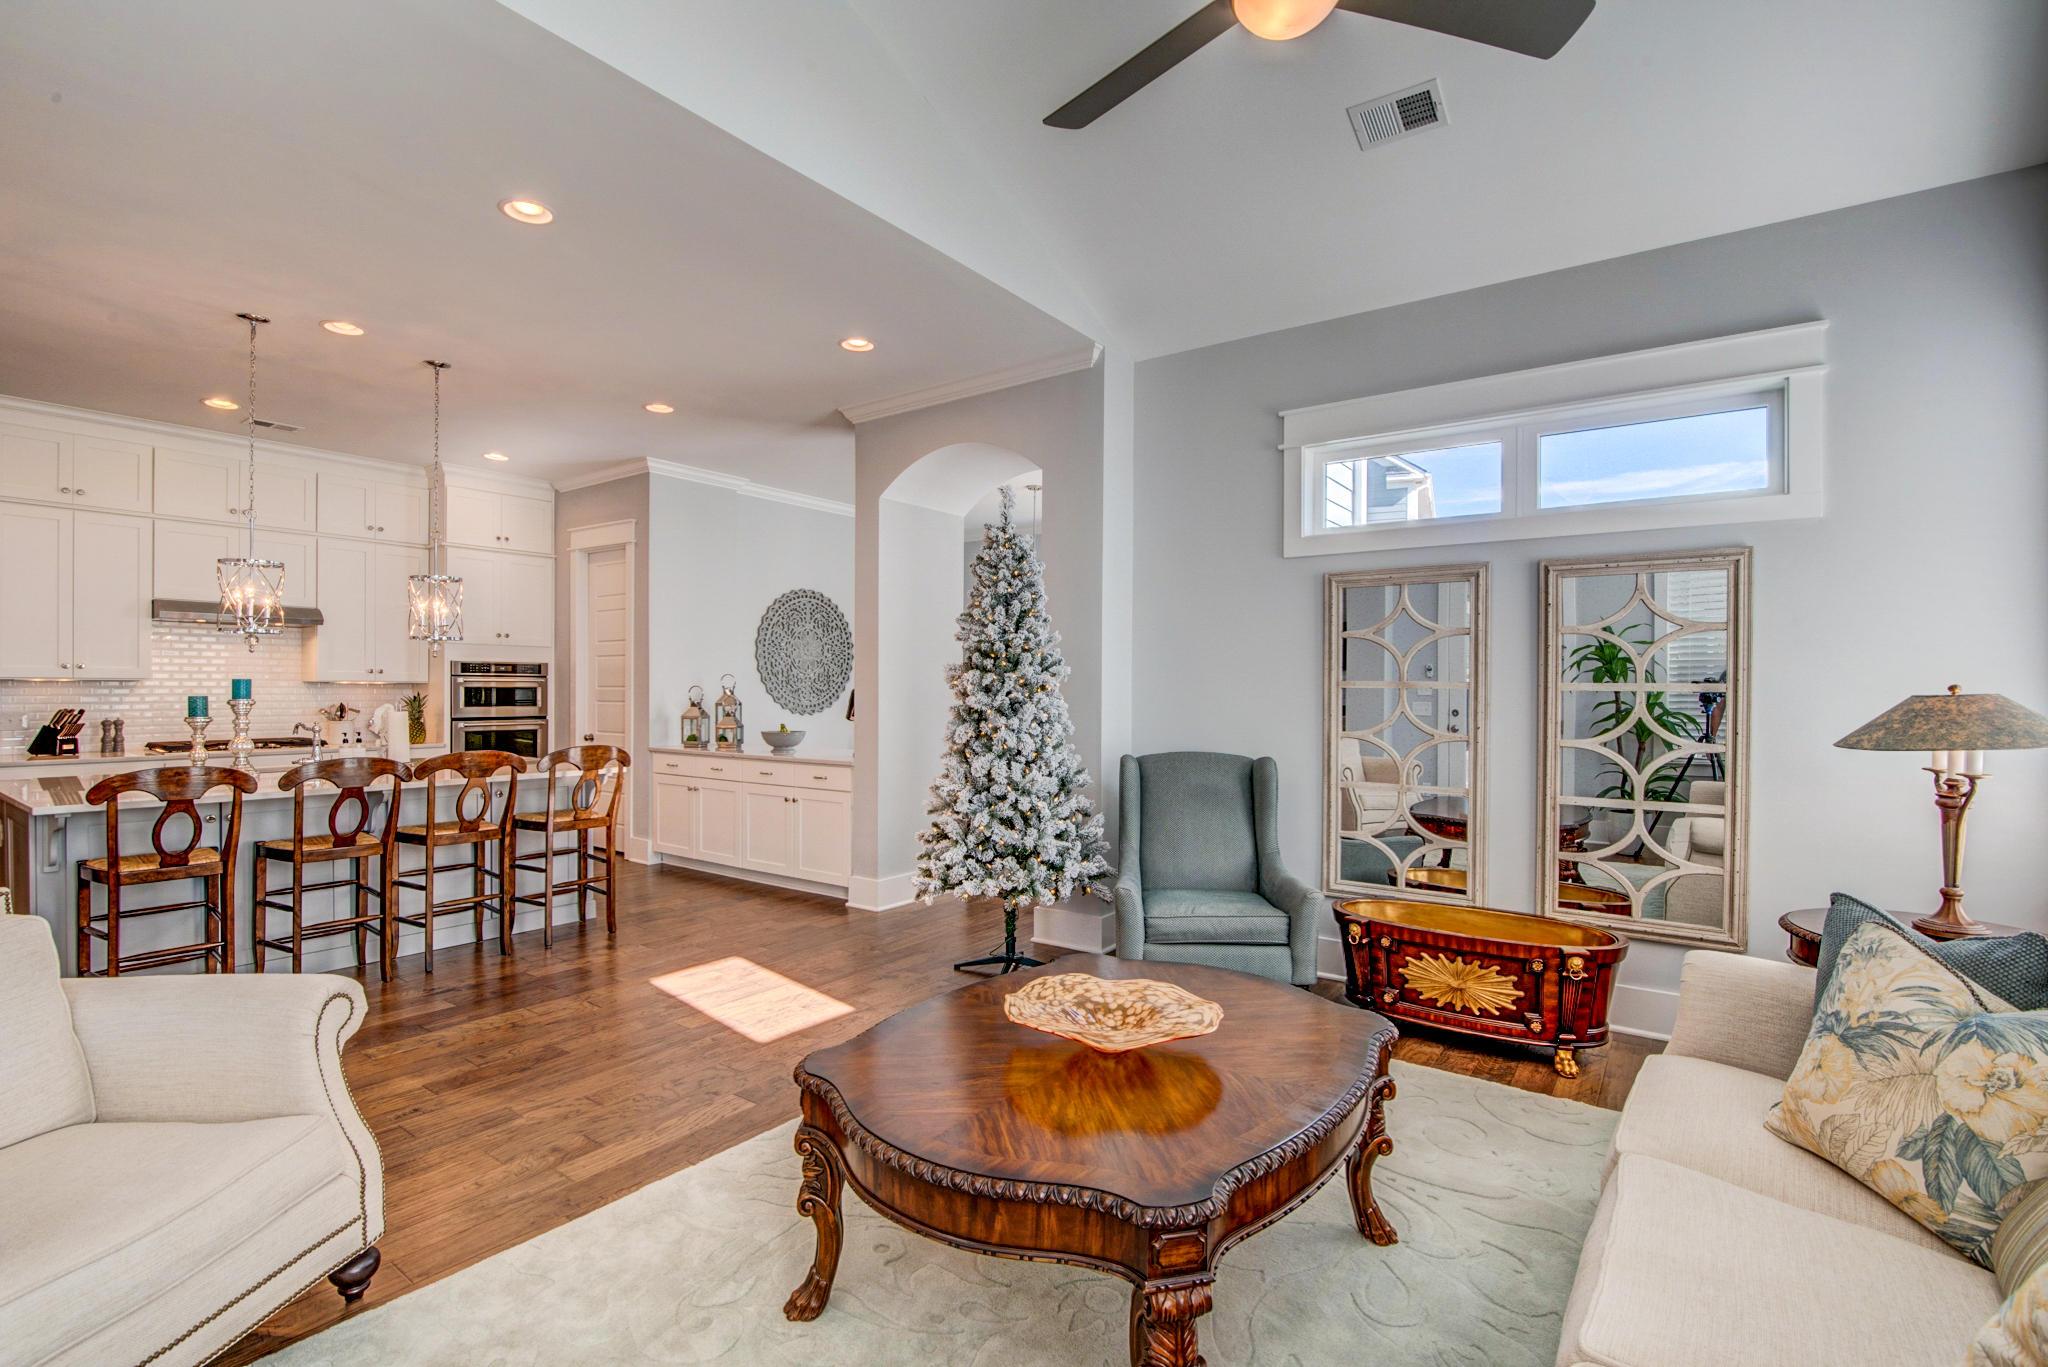 Dunes West Homes For Sale - 2883 River Vista, Mount Pleasant, SC - 55